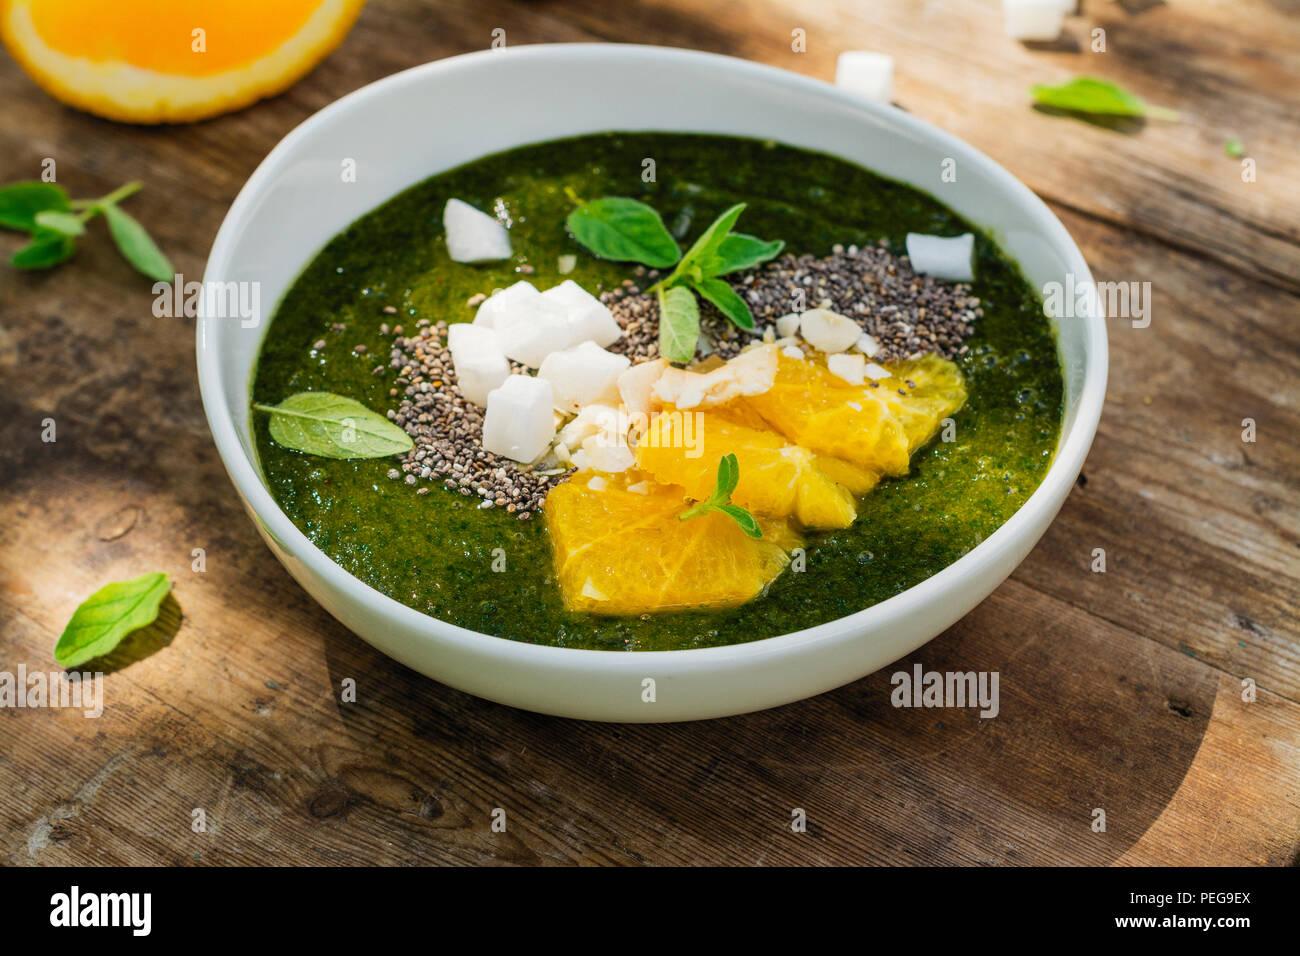 Tazón smoothie verde con plátano, espinacas, semillas de chia y naranjas Imagen De Stock